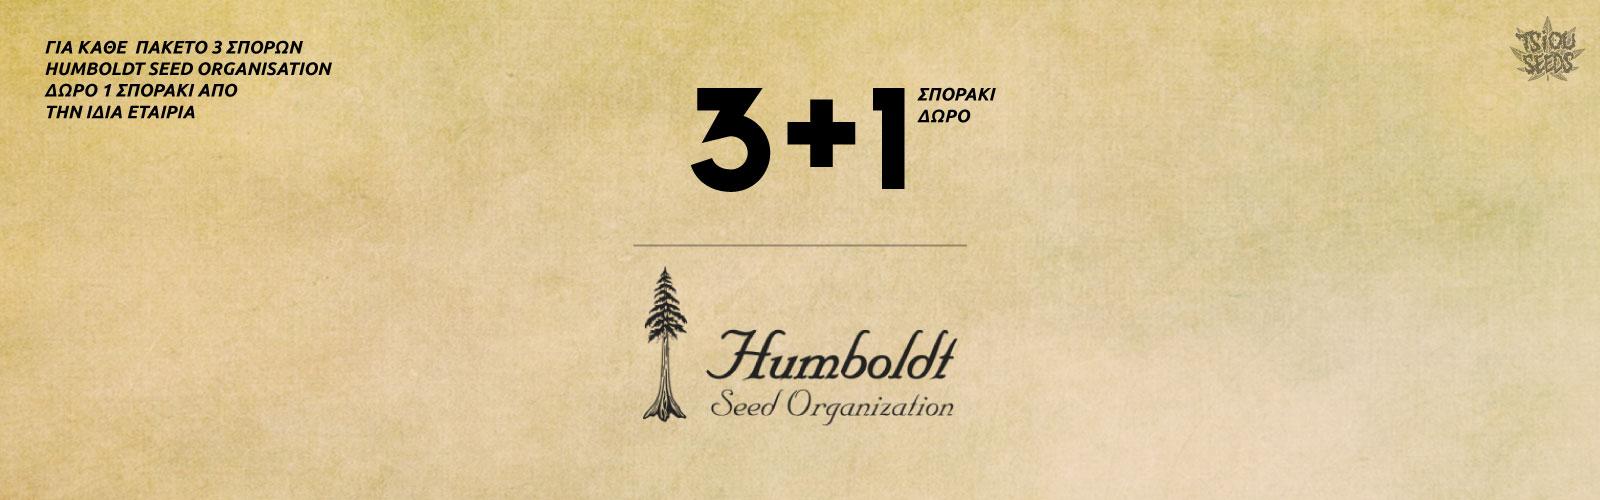 Humboldt-Offer-2